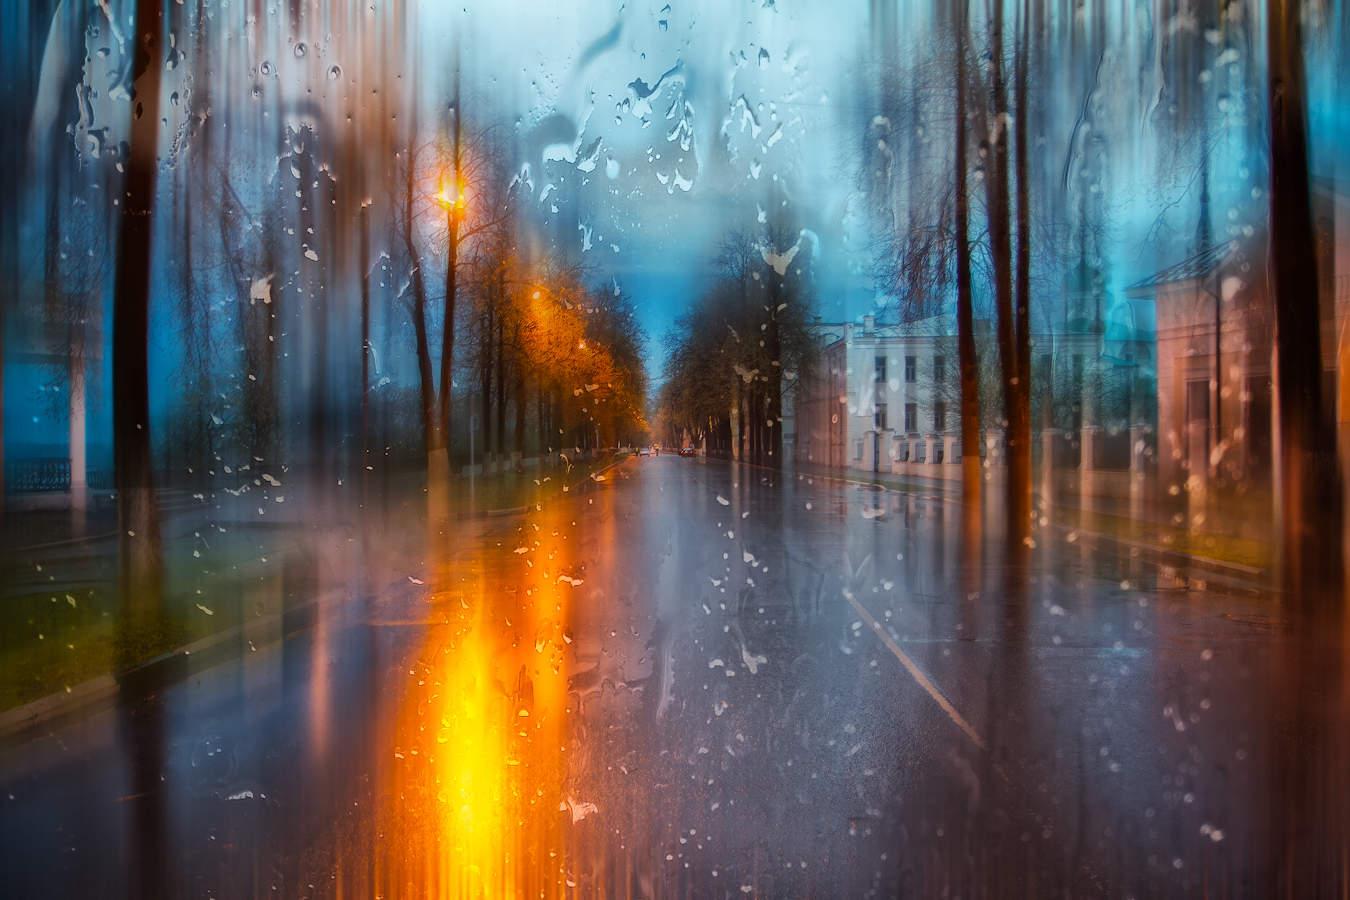 красивые картинки вечернего дождя колористикой помещение уподобляется